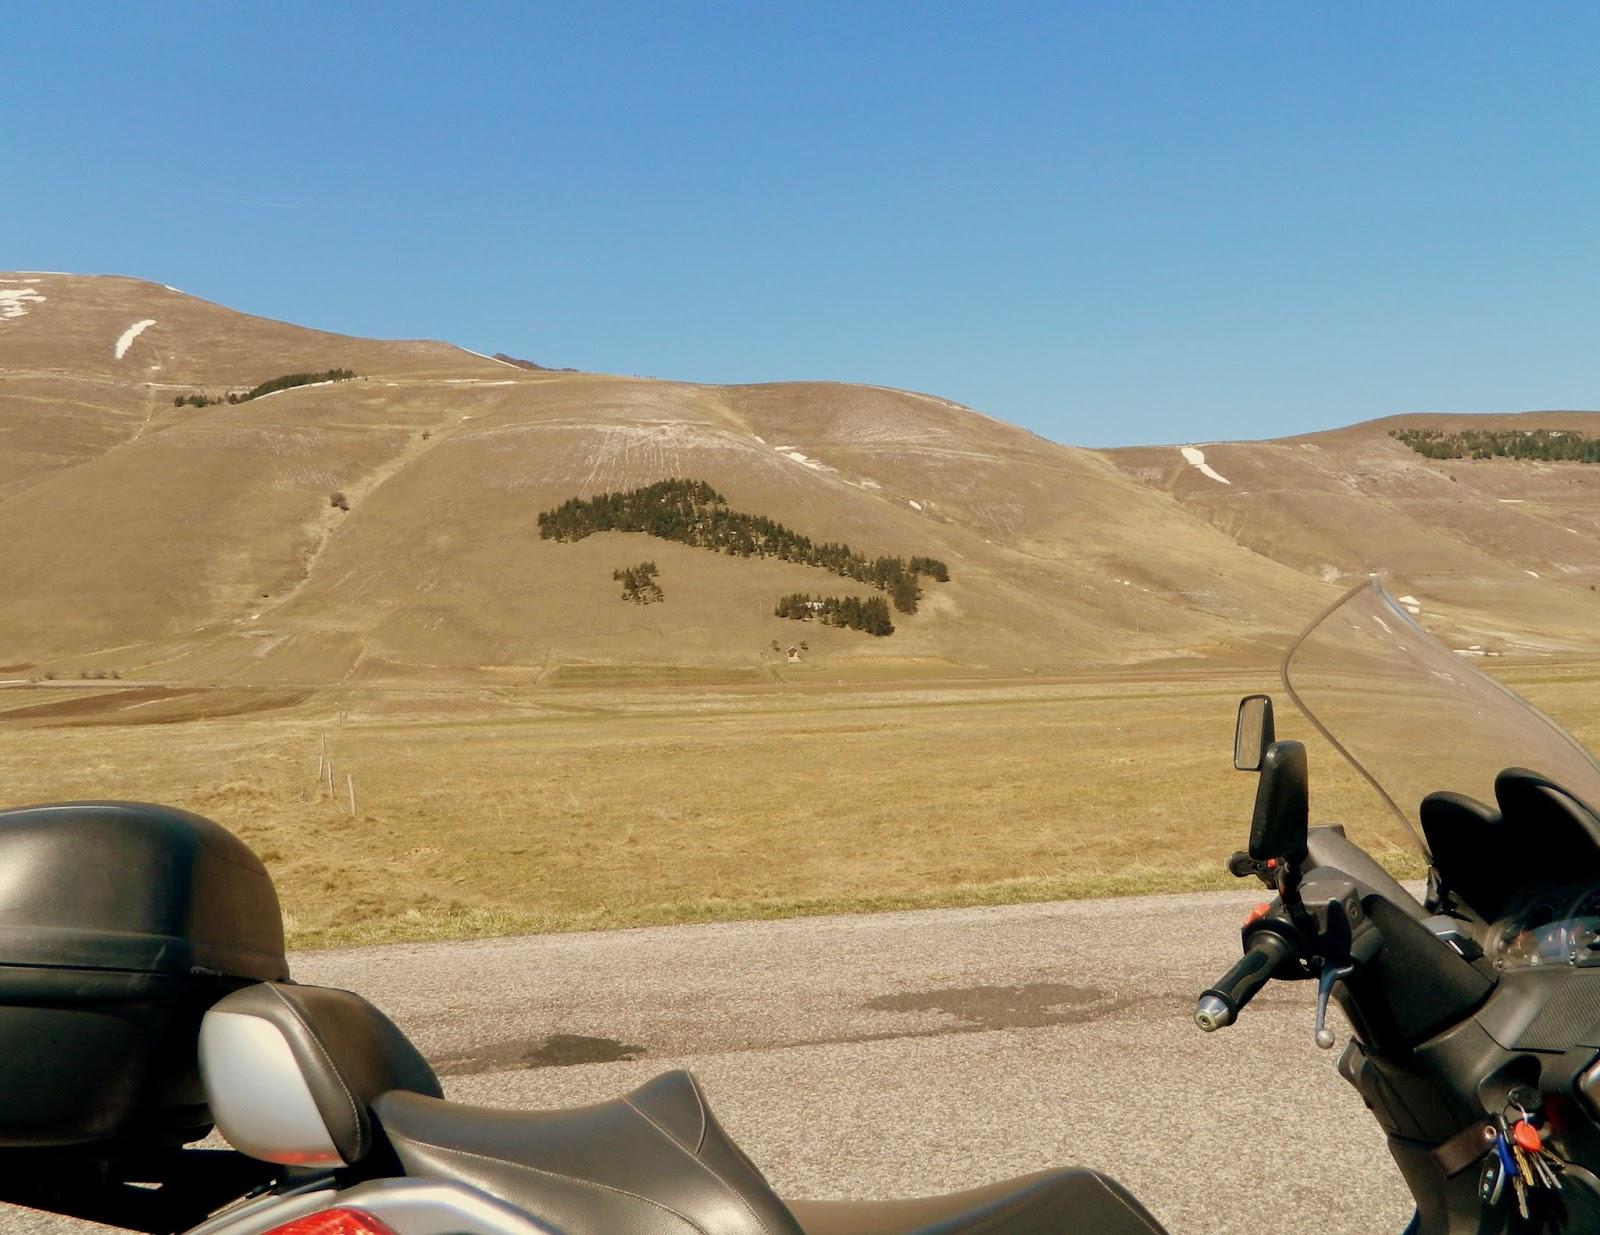 Castelluccio: Monti Sibillini National Park